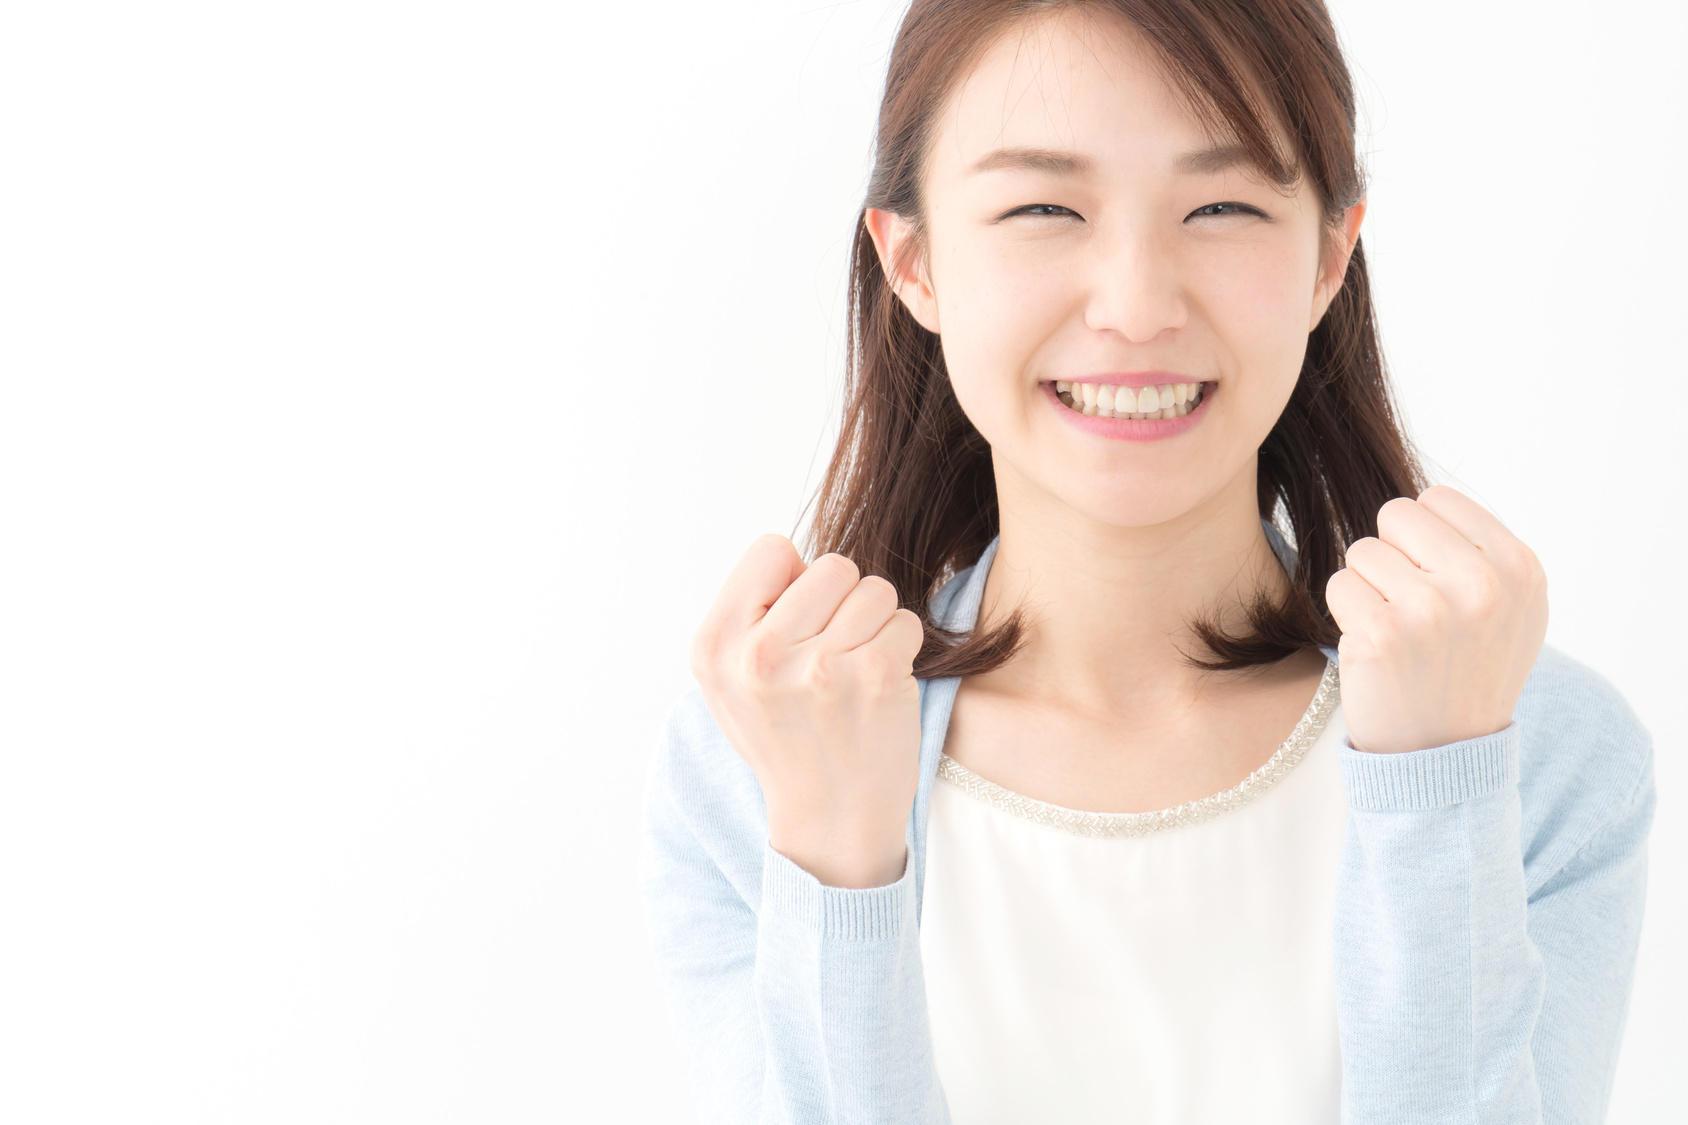 ガッツポーズ・若い女性